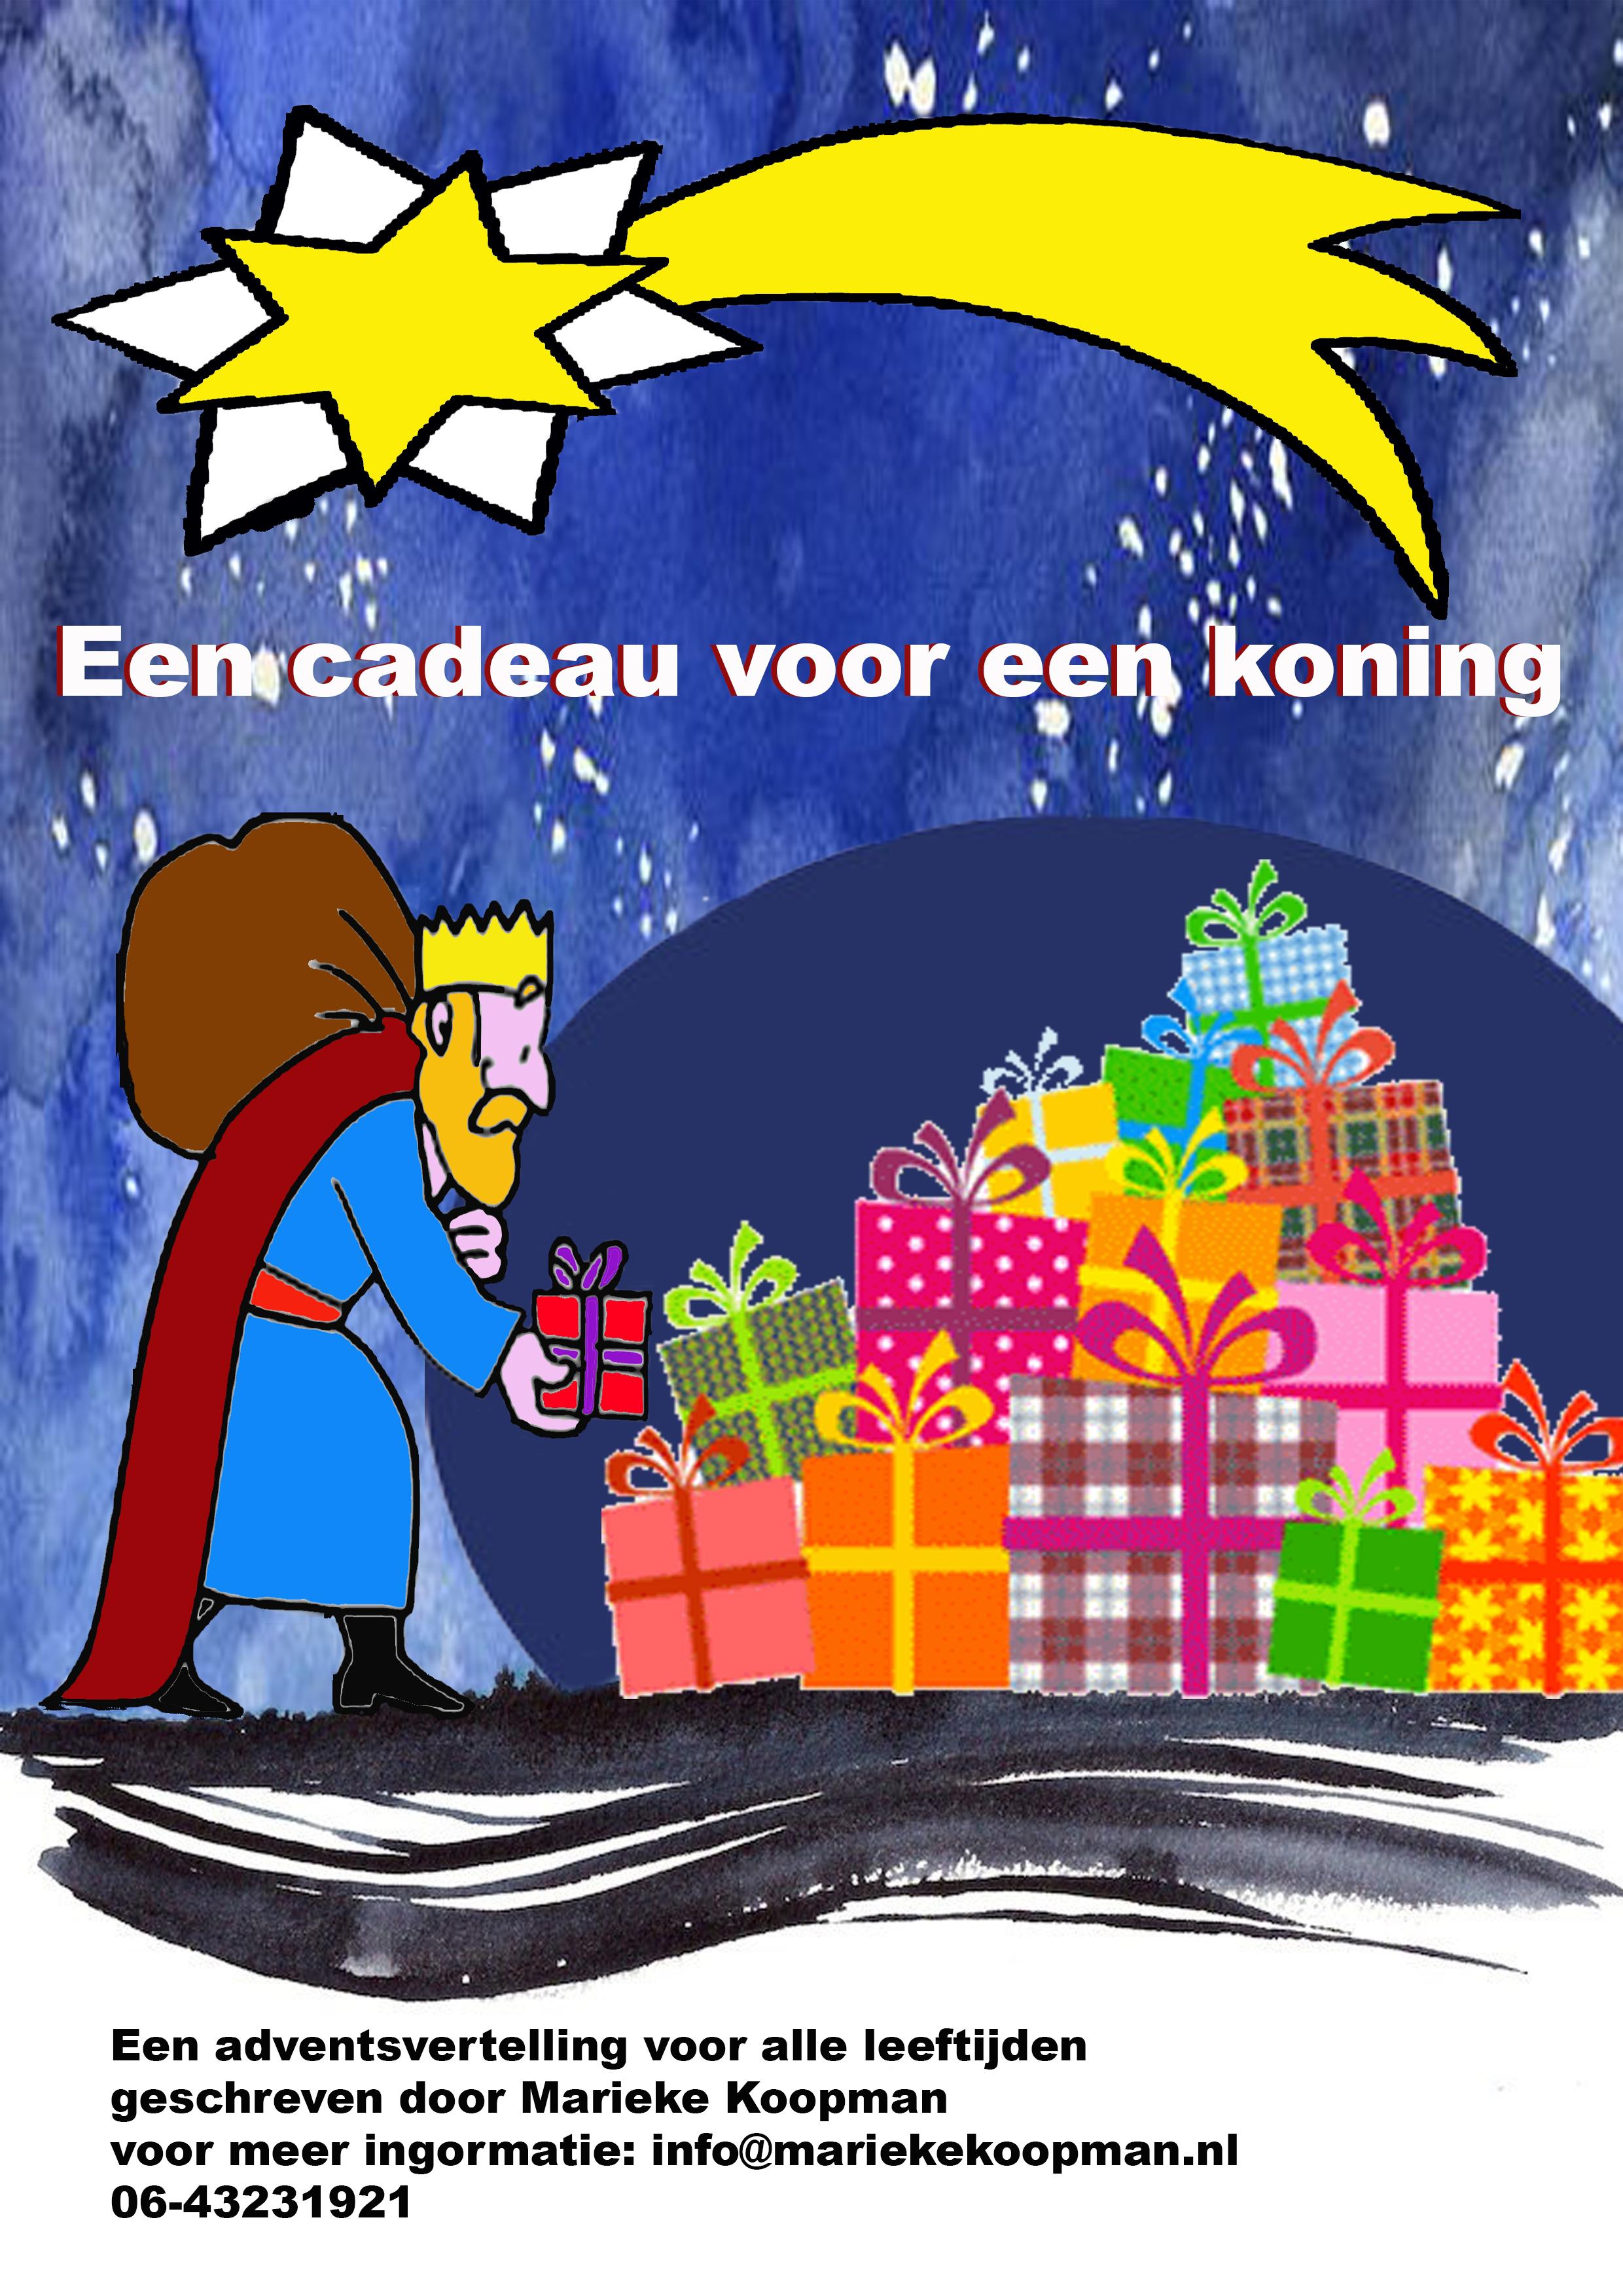 een cadeau voor een koning